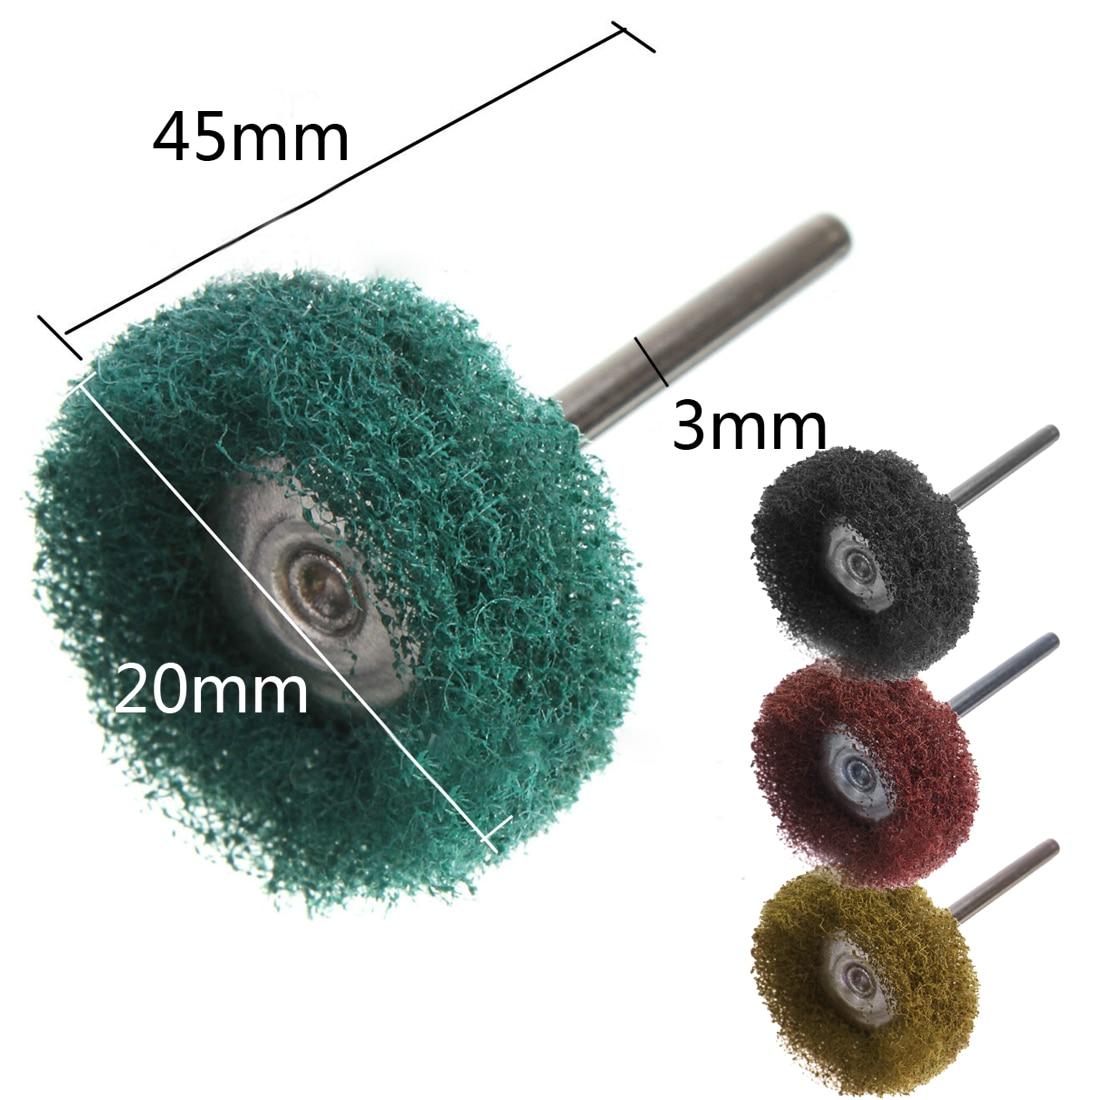 Fiber Grinding Sanding Head Buffing Polishing Wheel Scouring Pad Brush Nylon Abrasive Brush For Dremel Grinding Tools